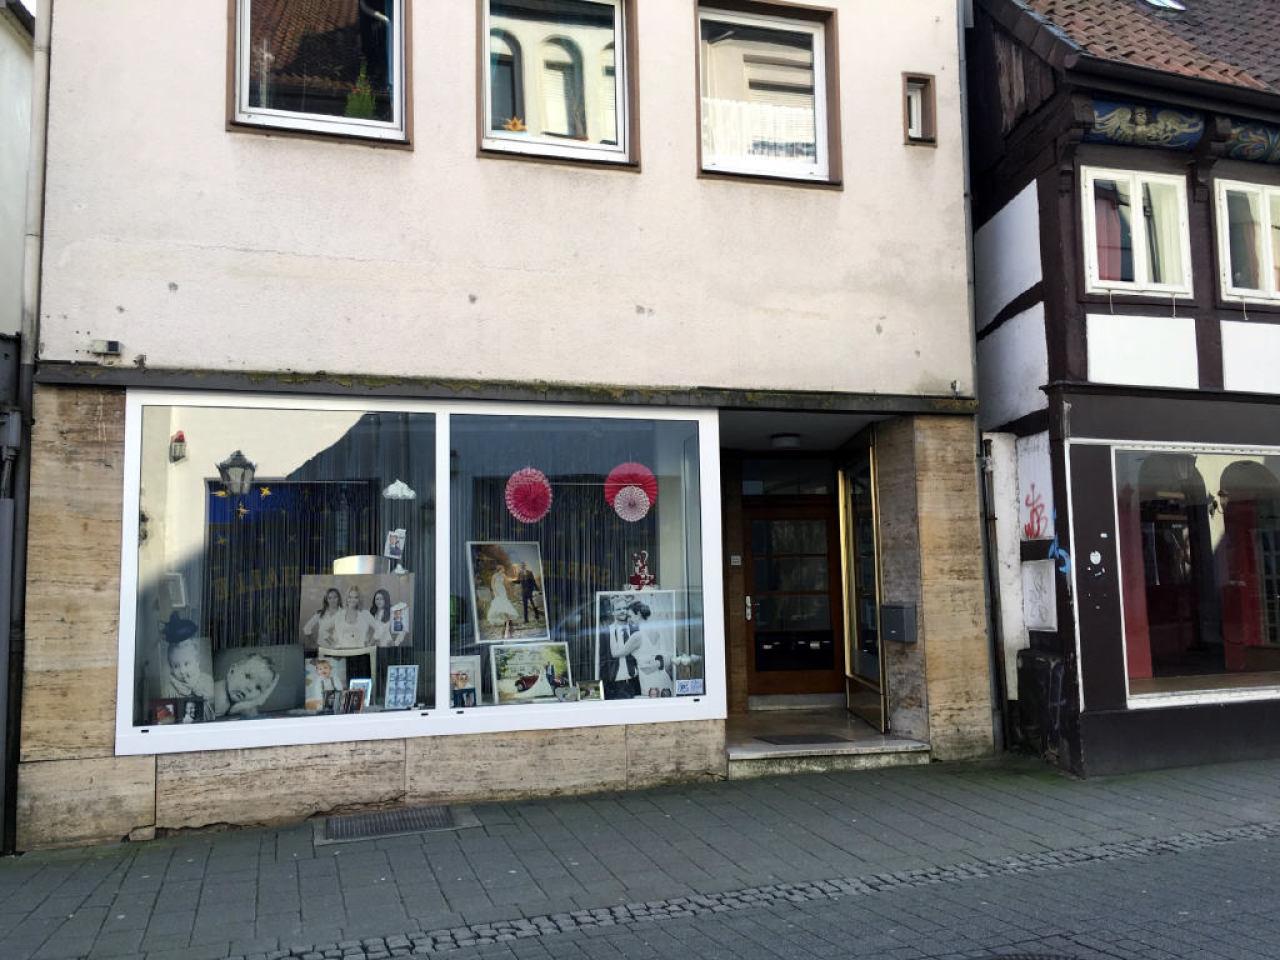 Ladenlokal Sb Markt Zur Miete In Herford Schmuckes